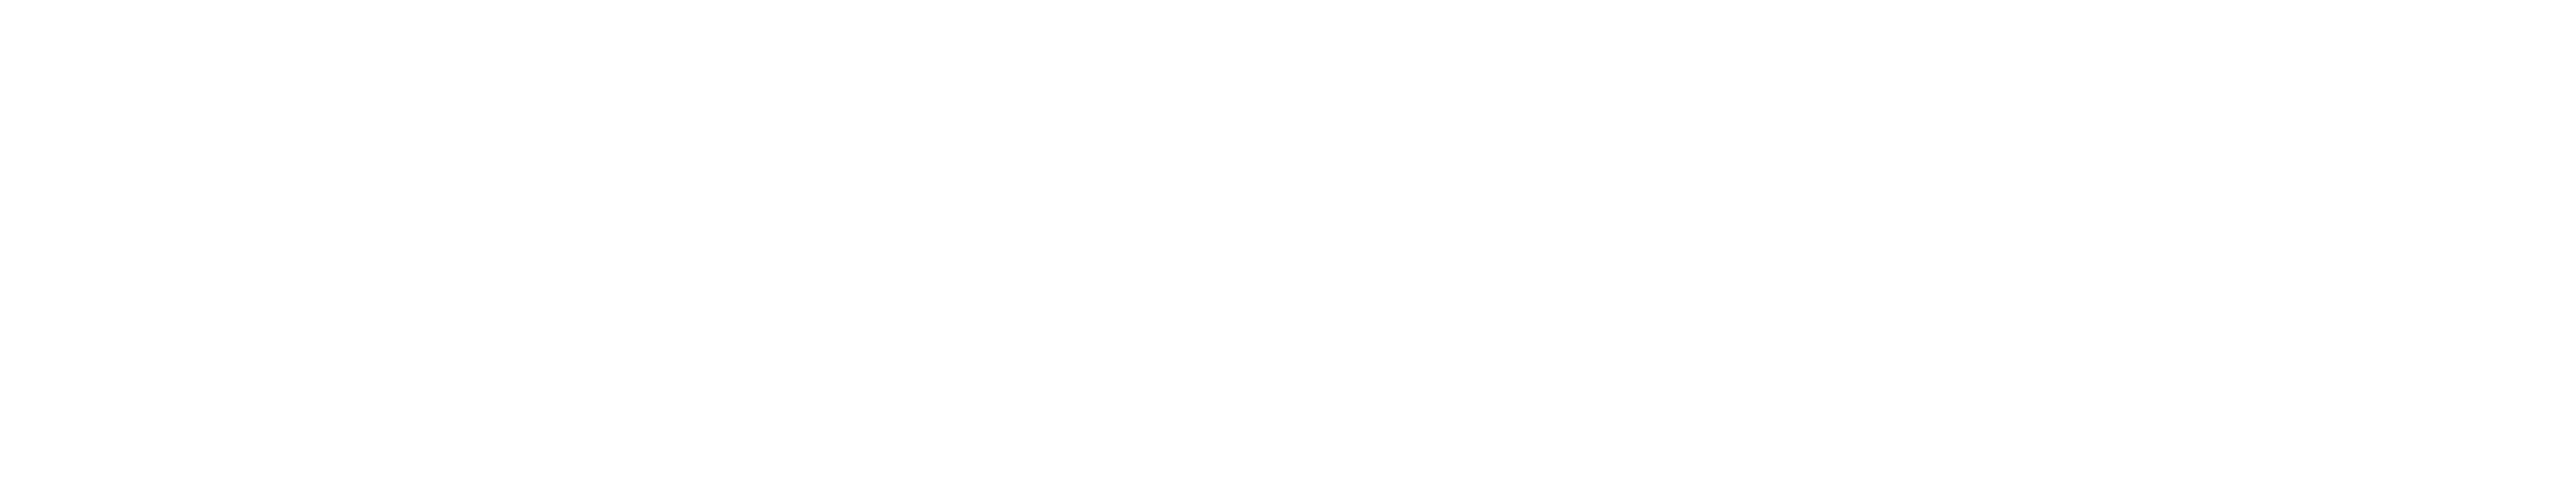 Celebrating 2019